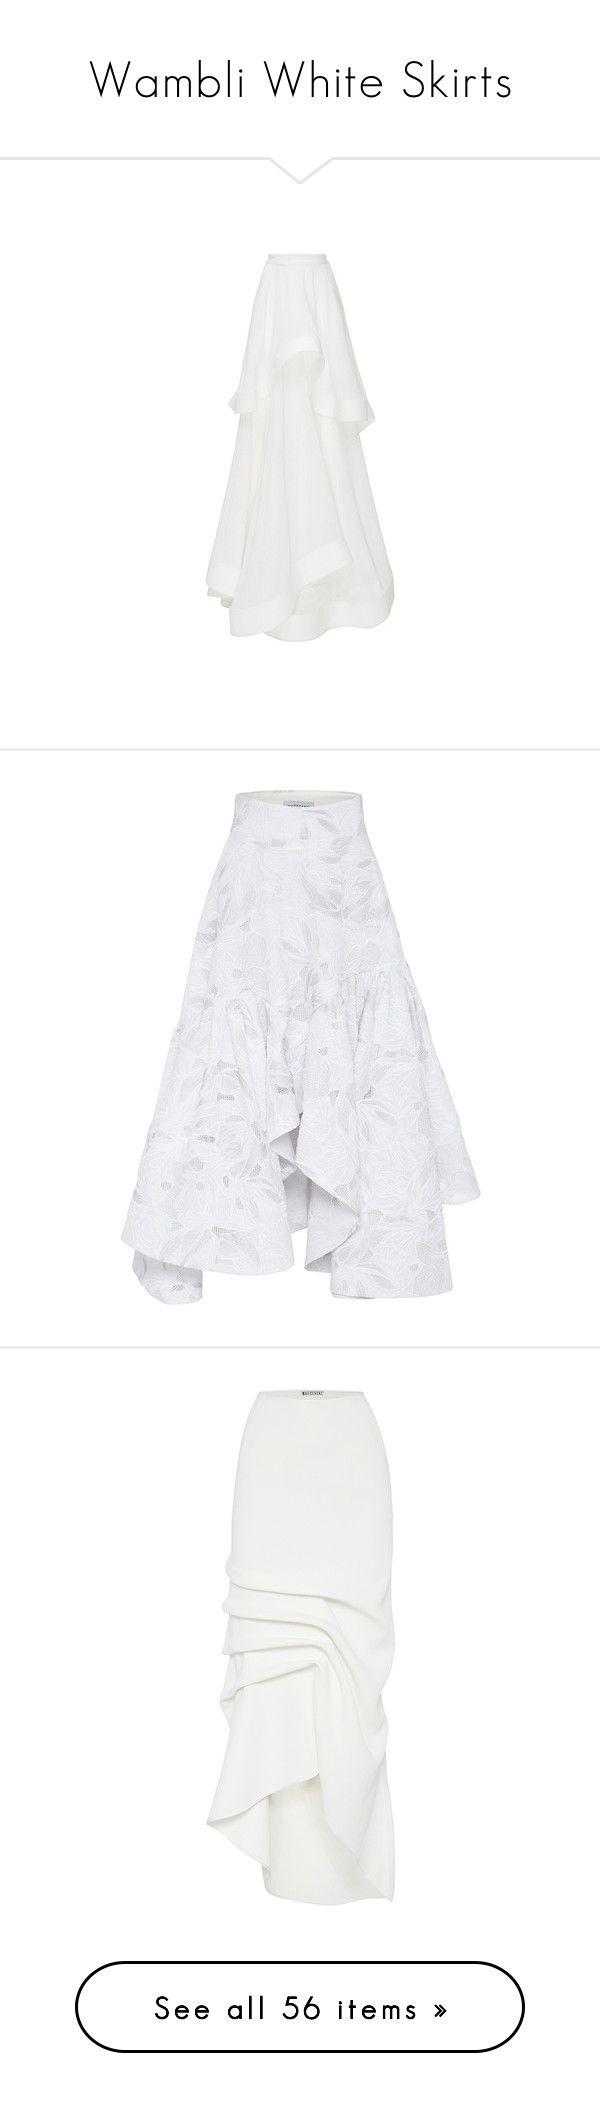 """""""Wambli White Skirts"""" by wambliwakan ❤ liked on Polyvore featuring skirts, white hi lo skirt, white high low skirt, pleated high low skirt, pleated skirt, white full skirt, zipper skirt, long white skirt, white maxi skirt and white skirt"""